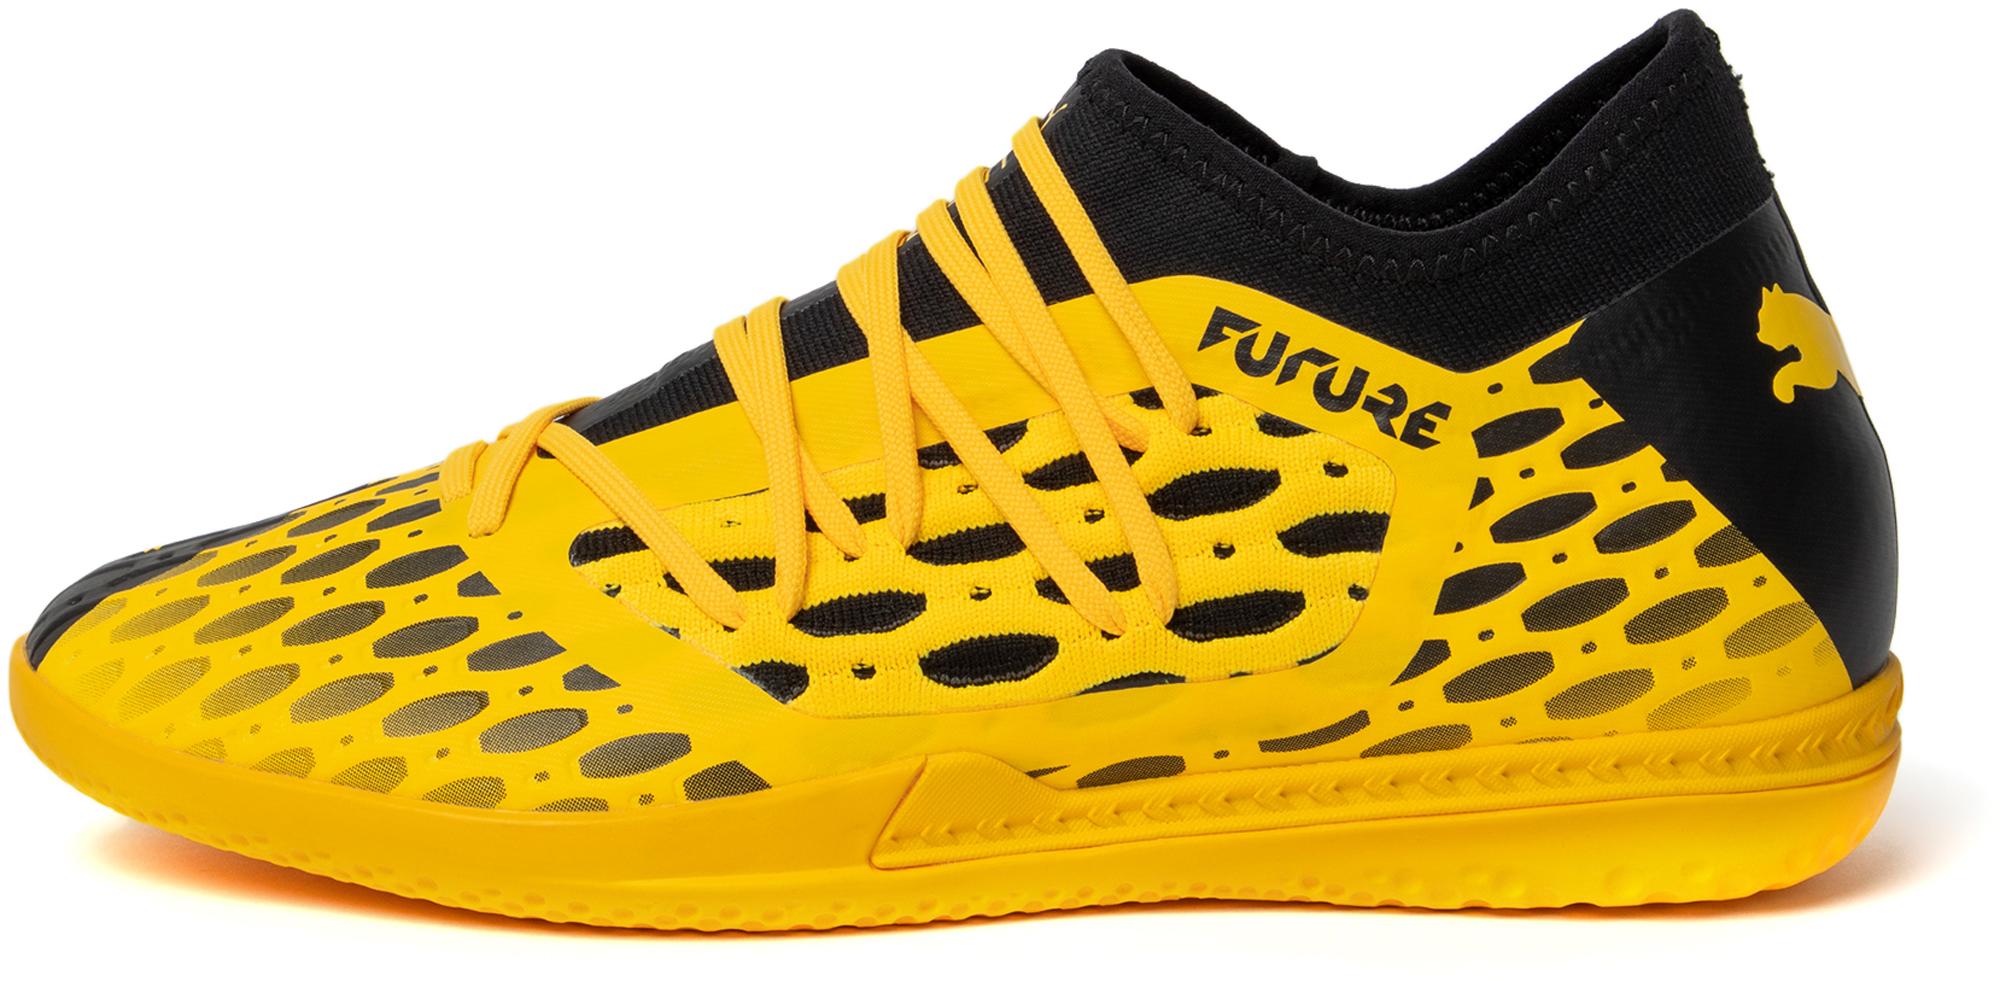 Puma Бутсы мужские Puma Future 5.3 Netfit, размер 40 бутсы puma evospeed sl fg 10323505